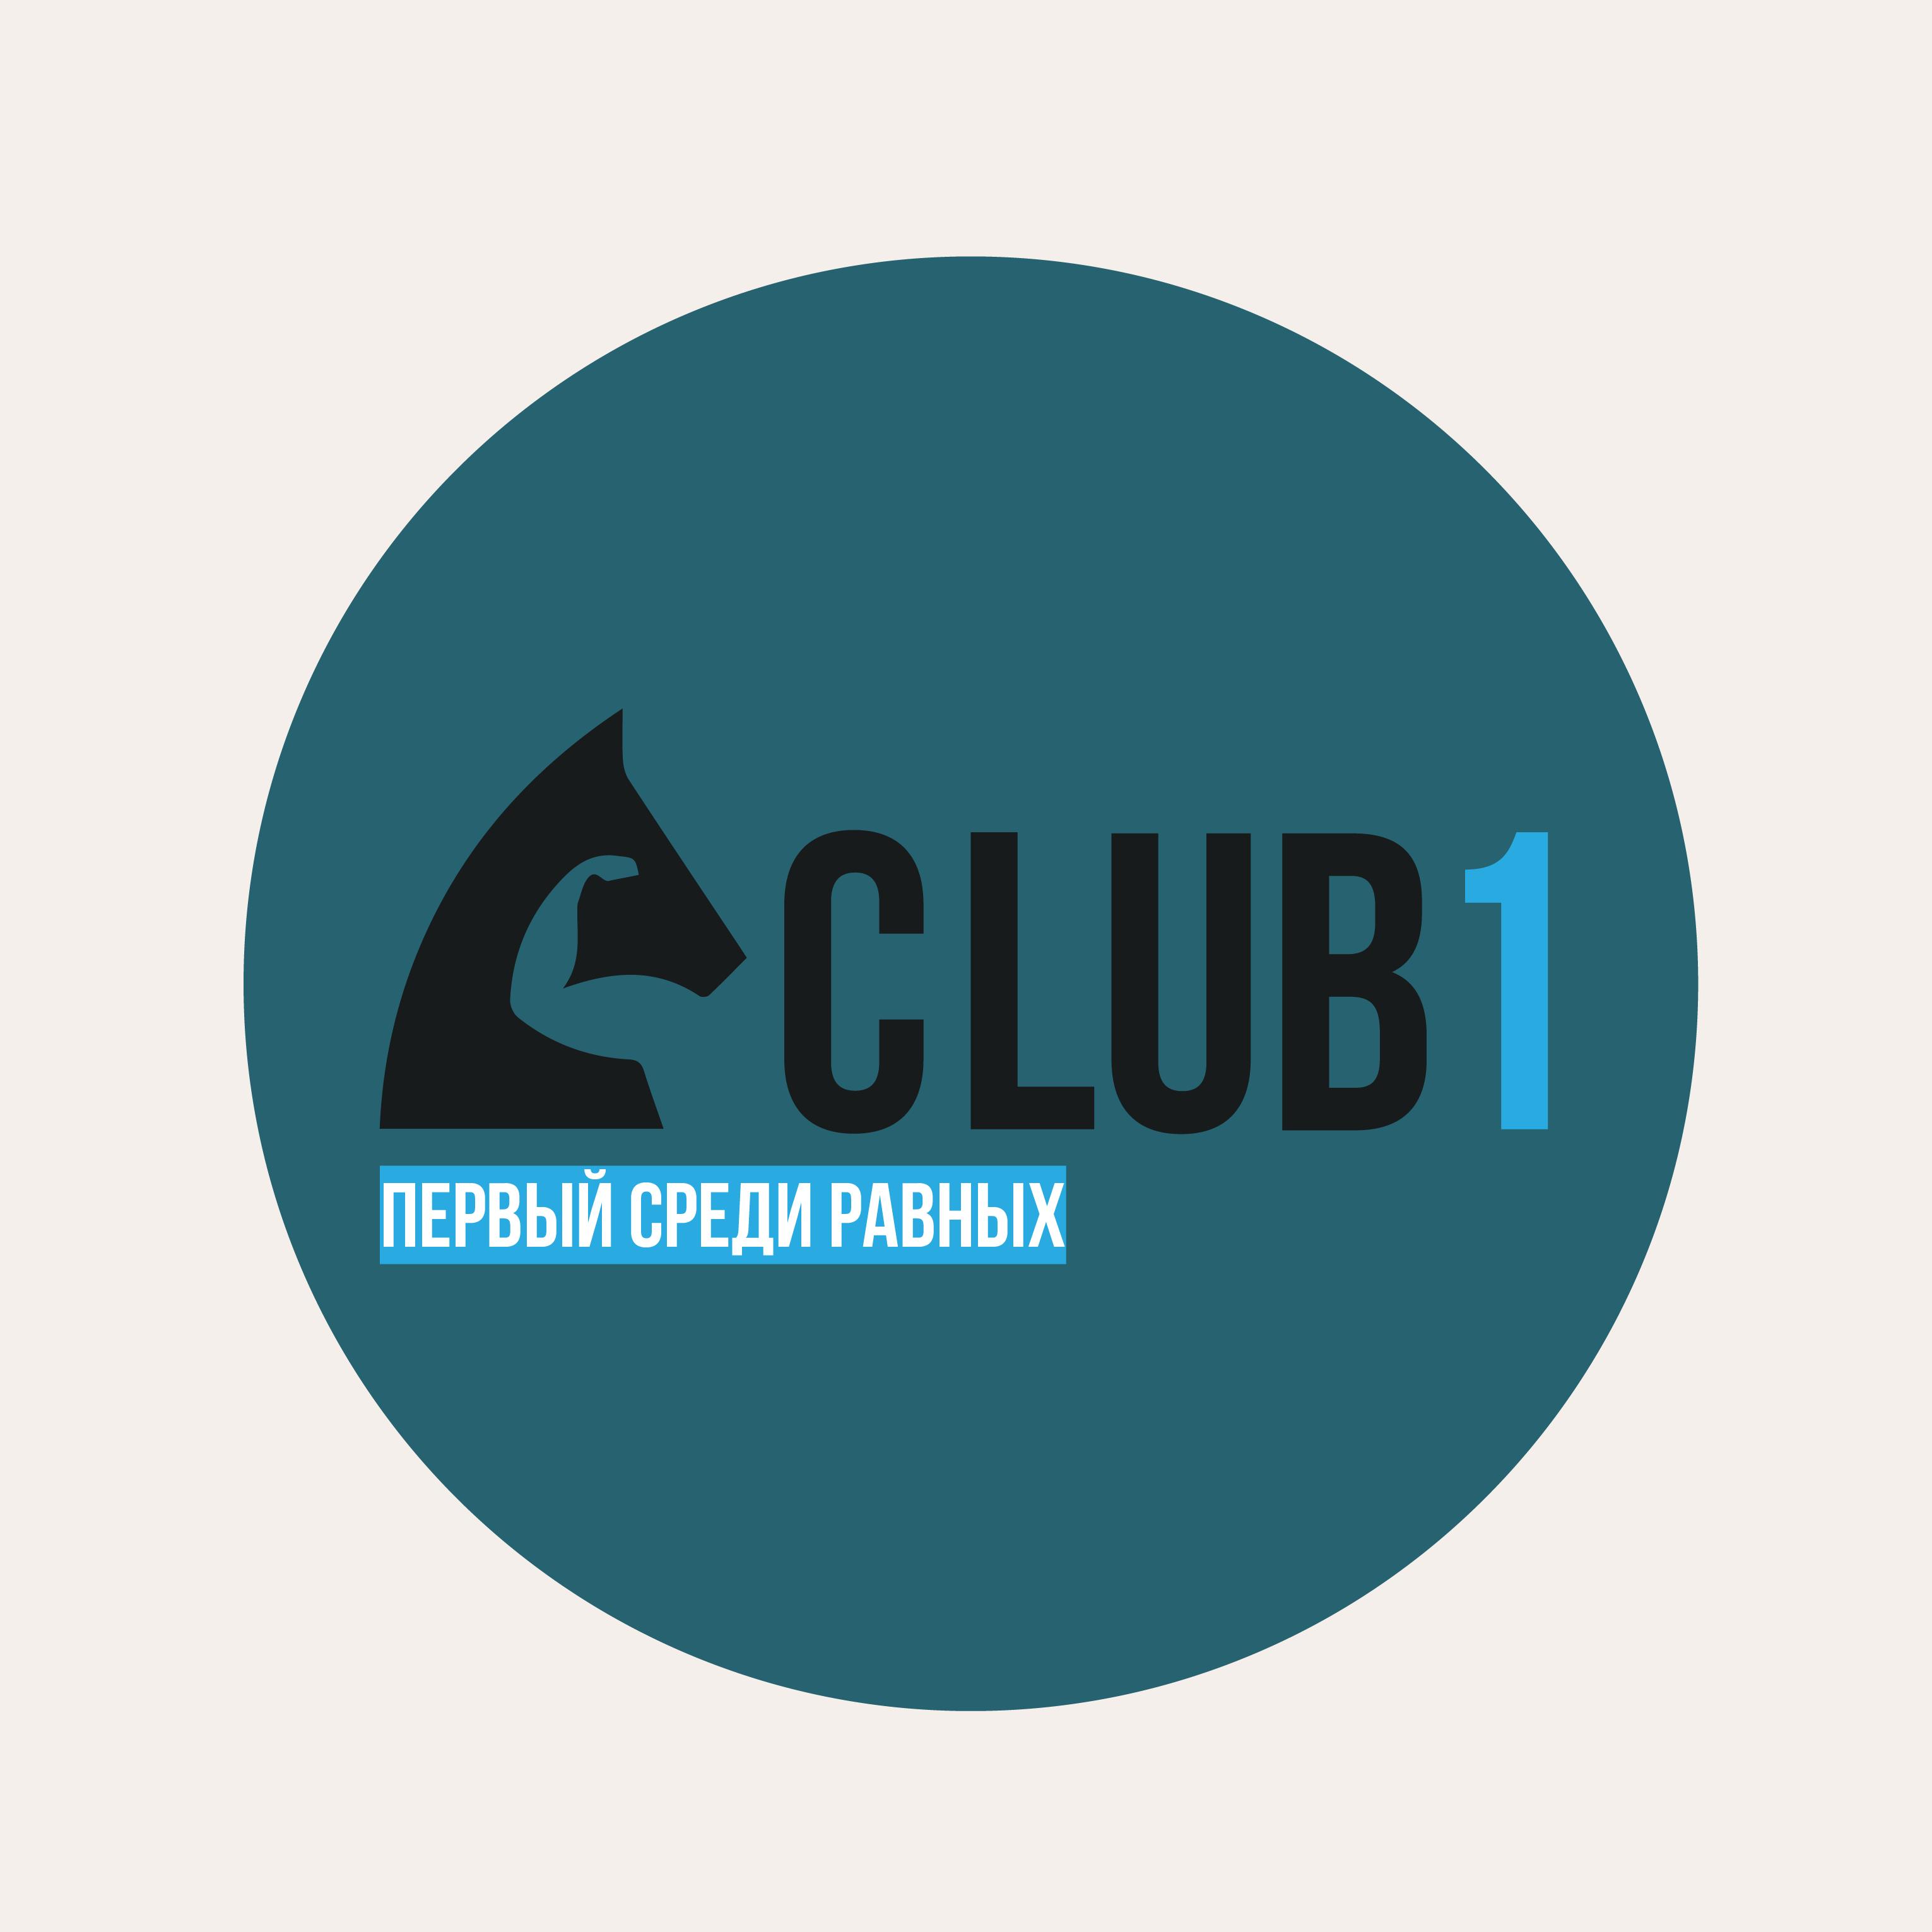 Логотип делового клуба фото f_8645f87571f8f791.png